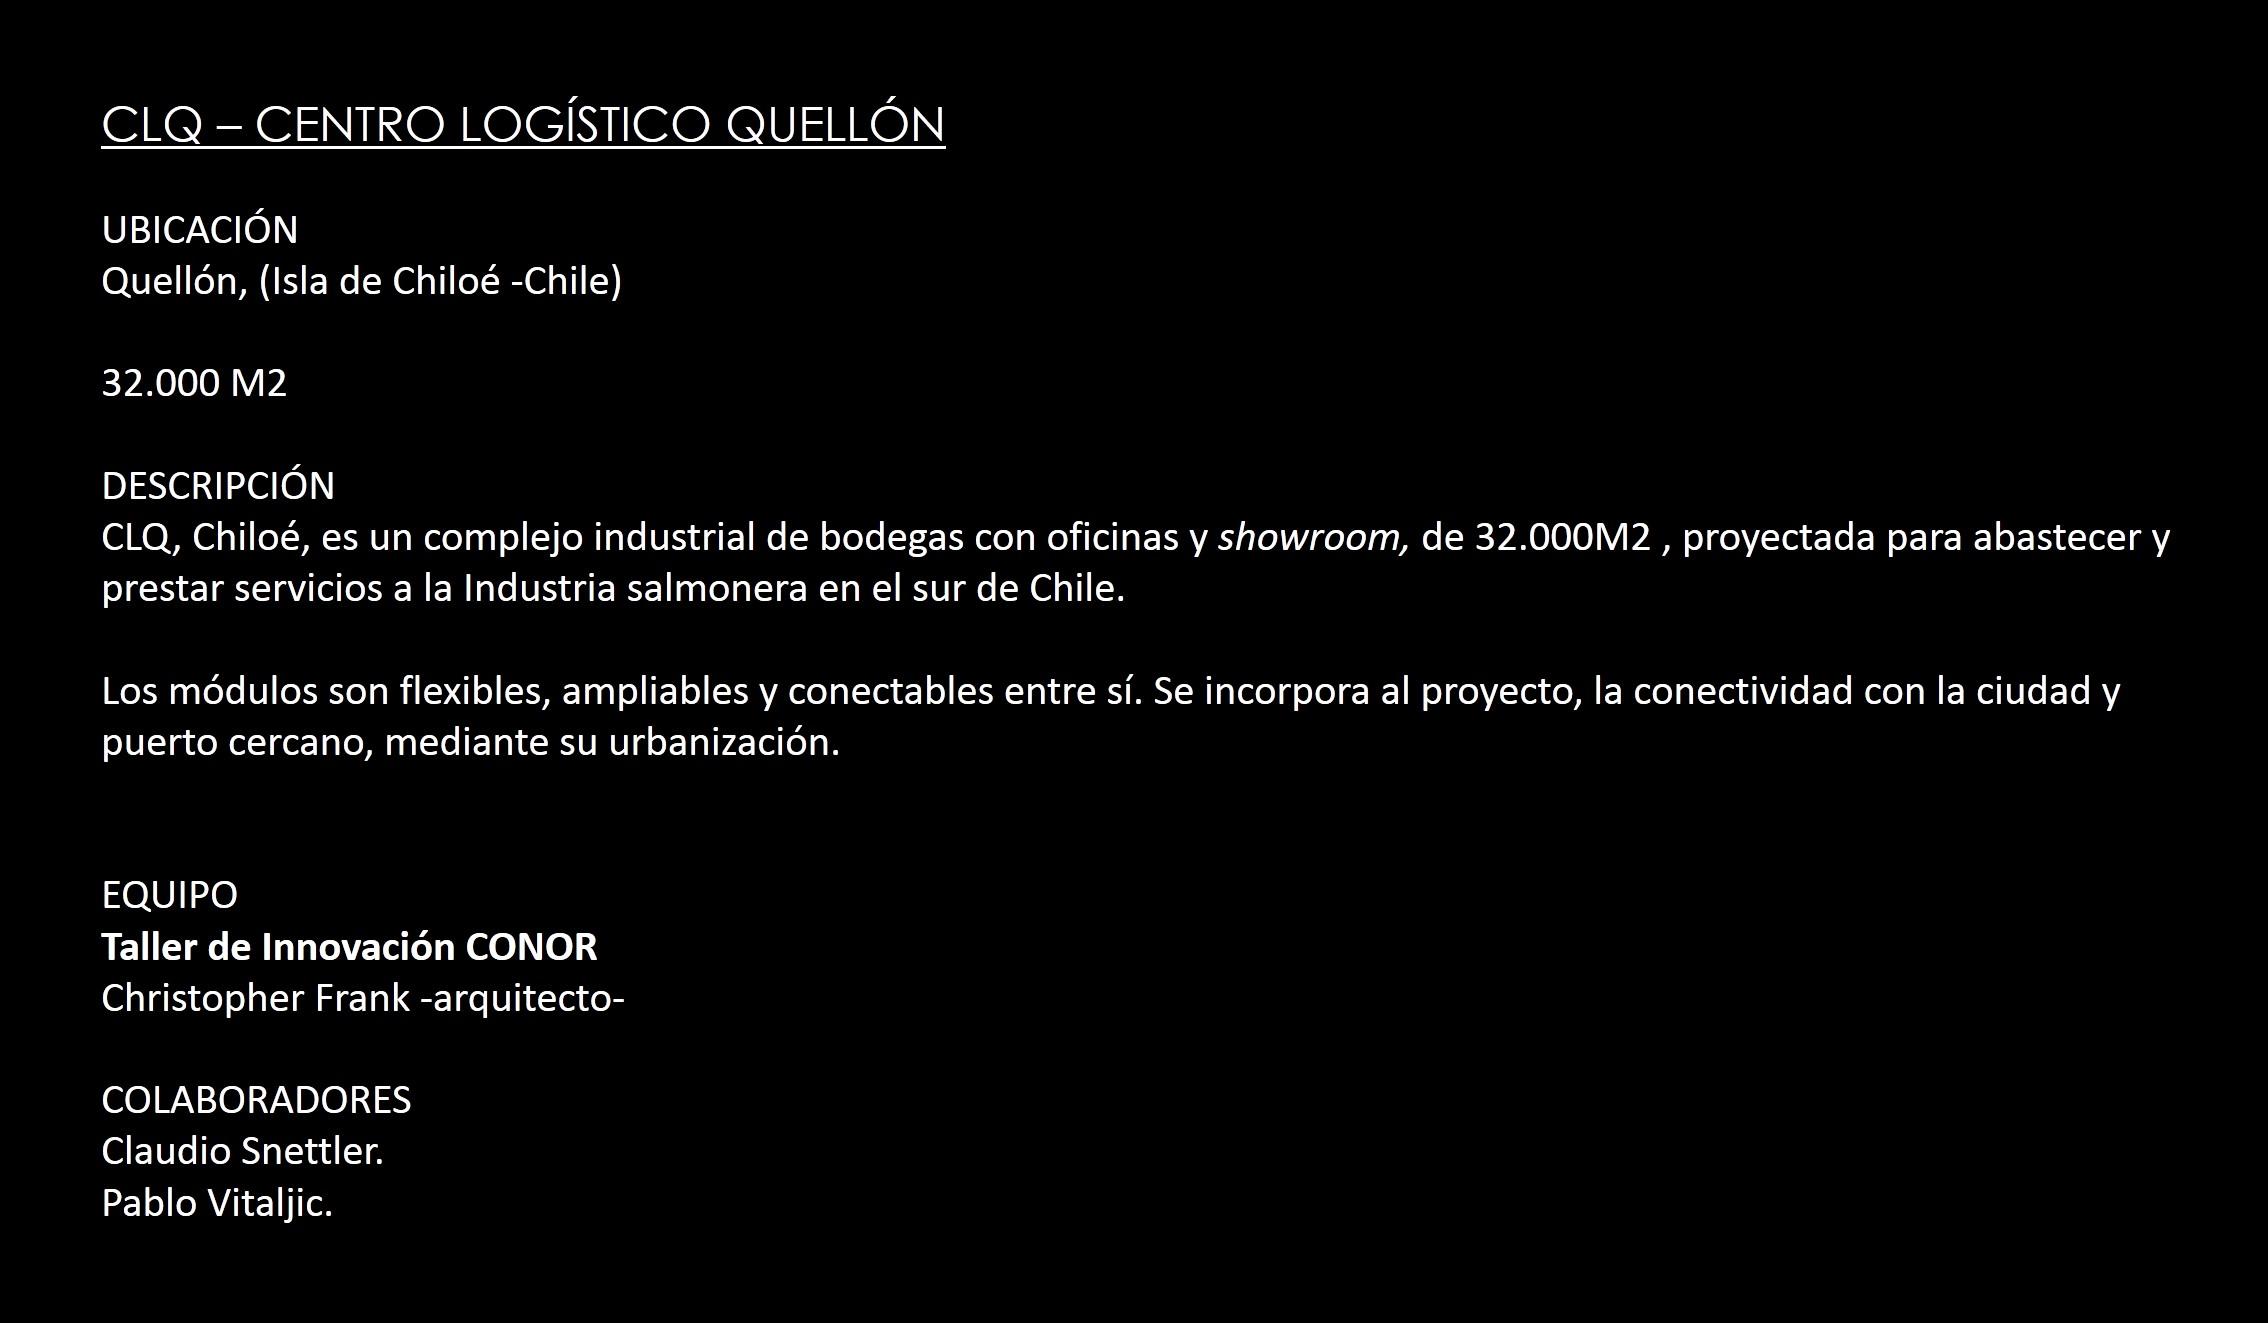 CENTRO LOGÍSTICO QUELLÓN